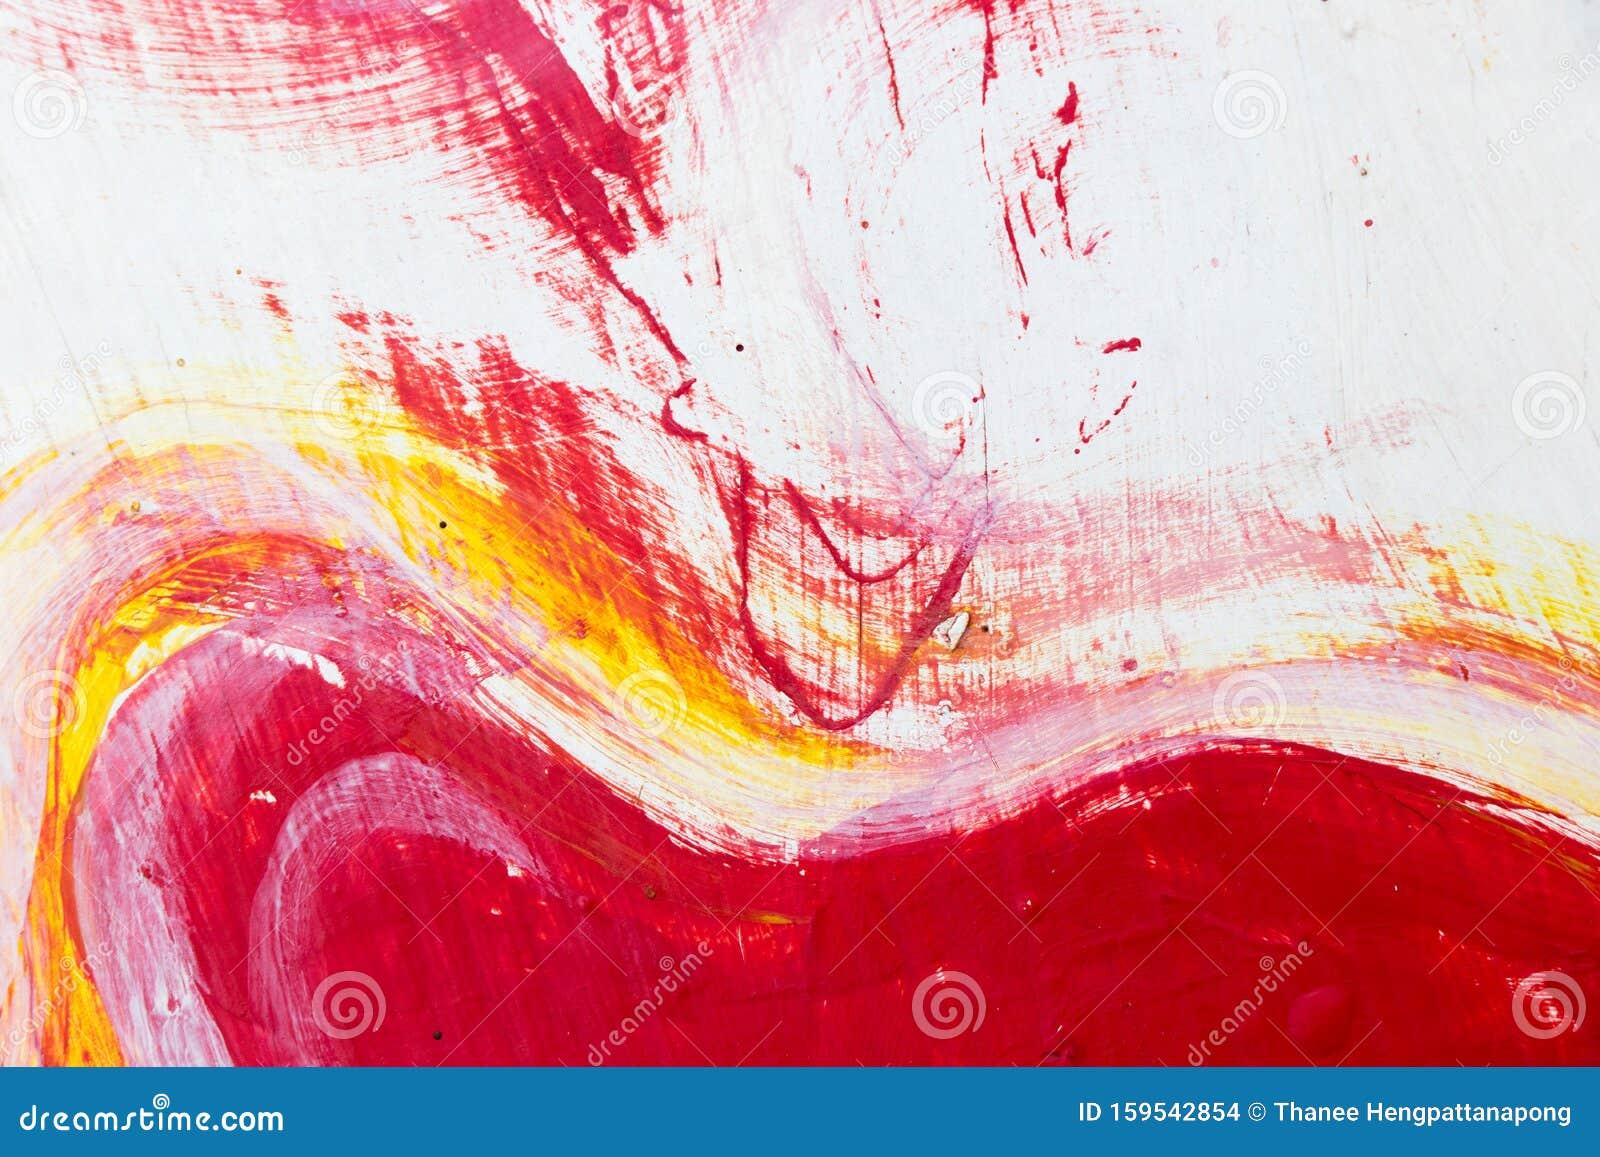 Peinture Abstraite Rouge Blanche Et Jaune Sur Fond De Beton Photo Stock Image Du Rouge Fond 159542854